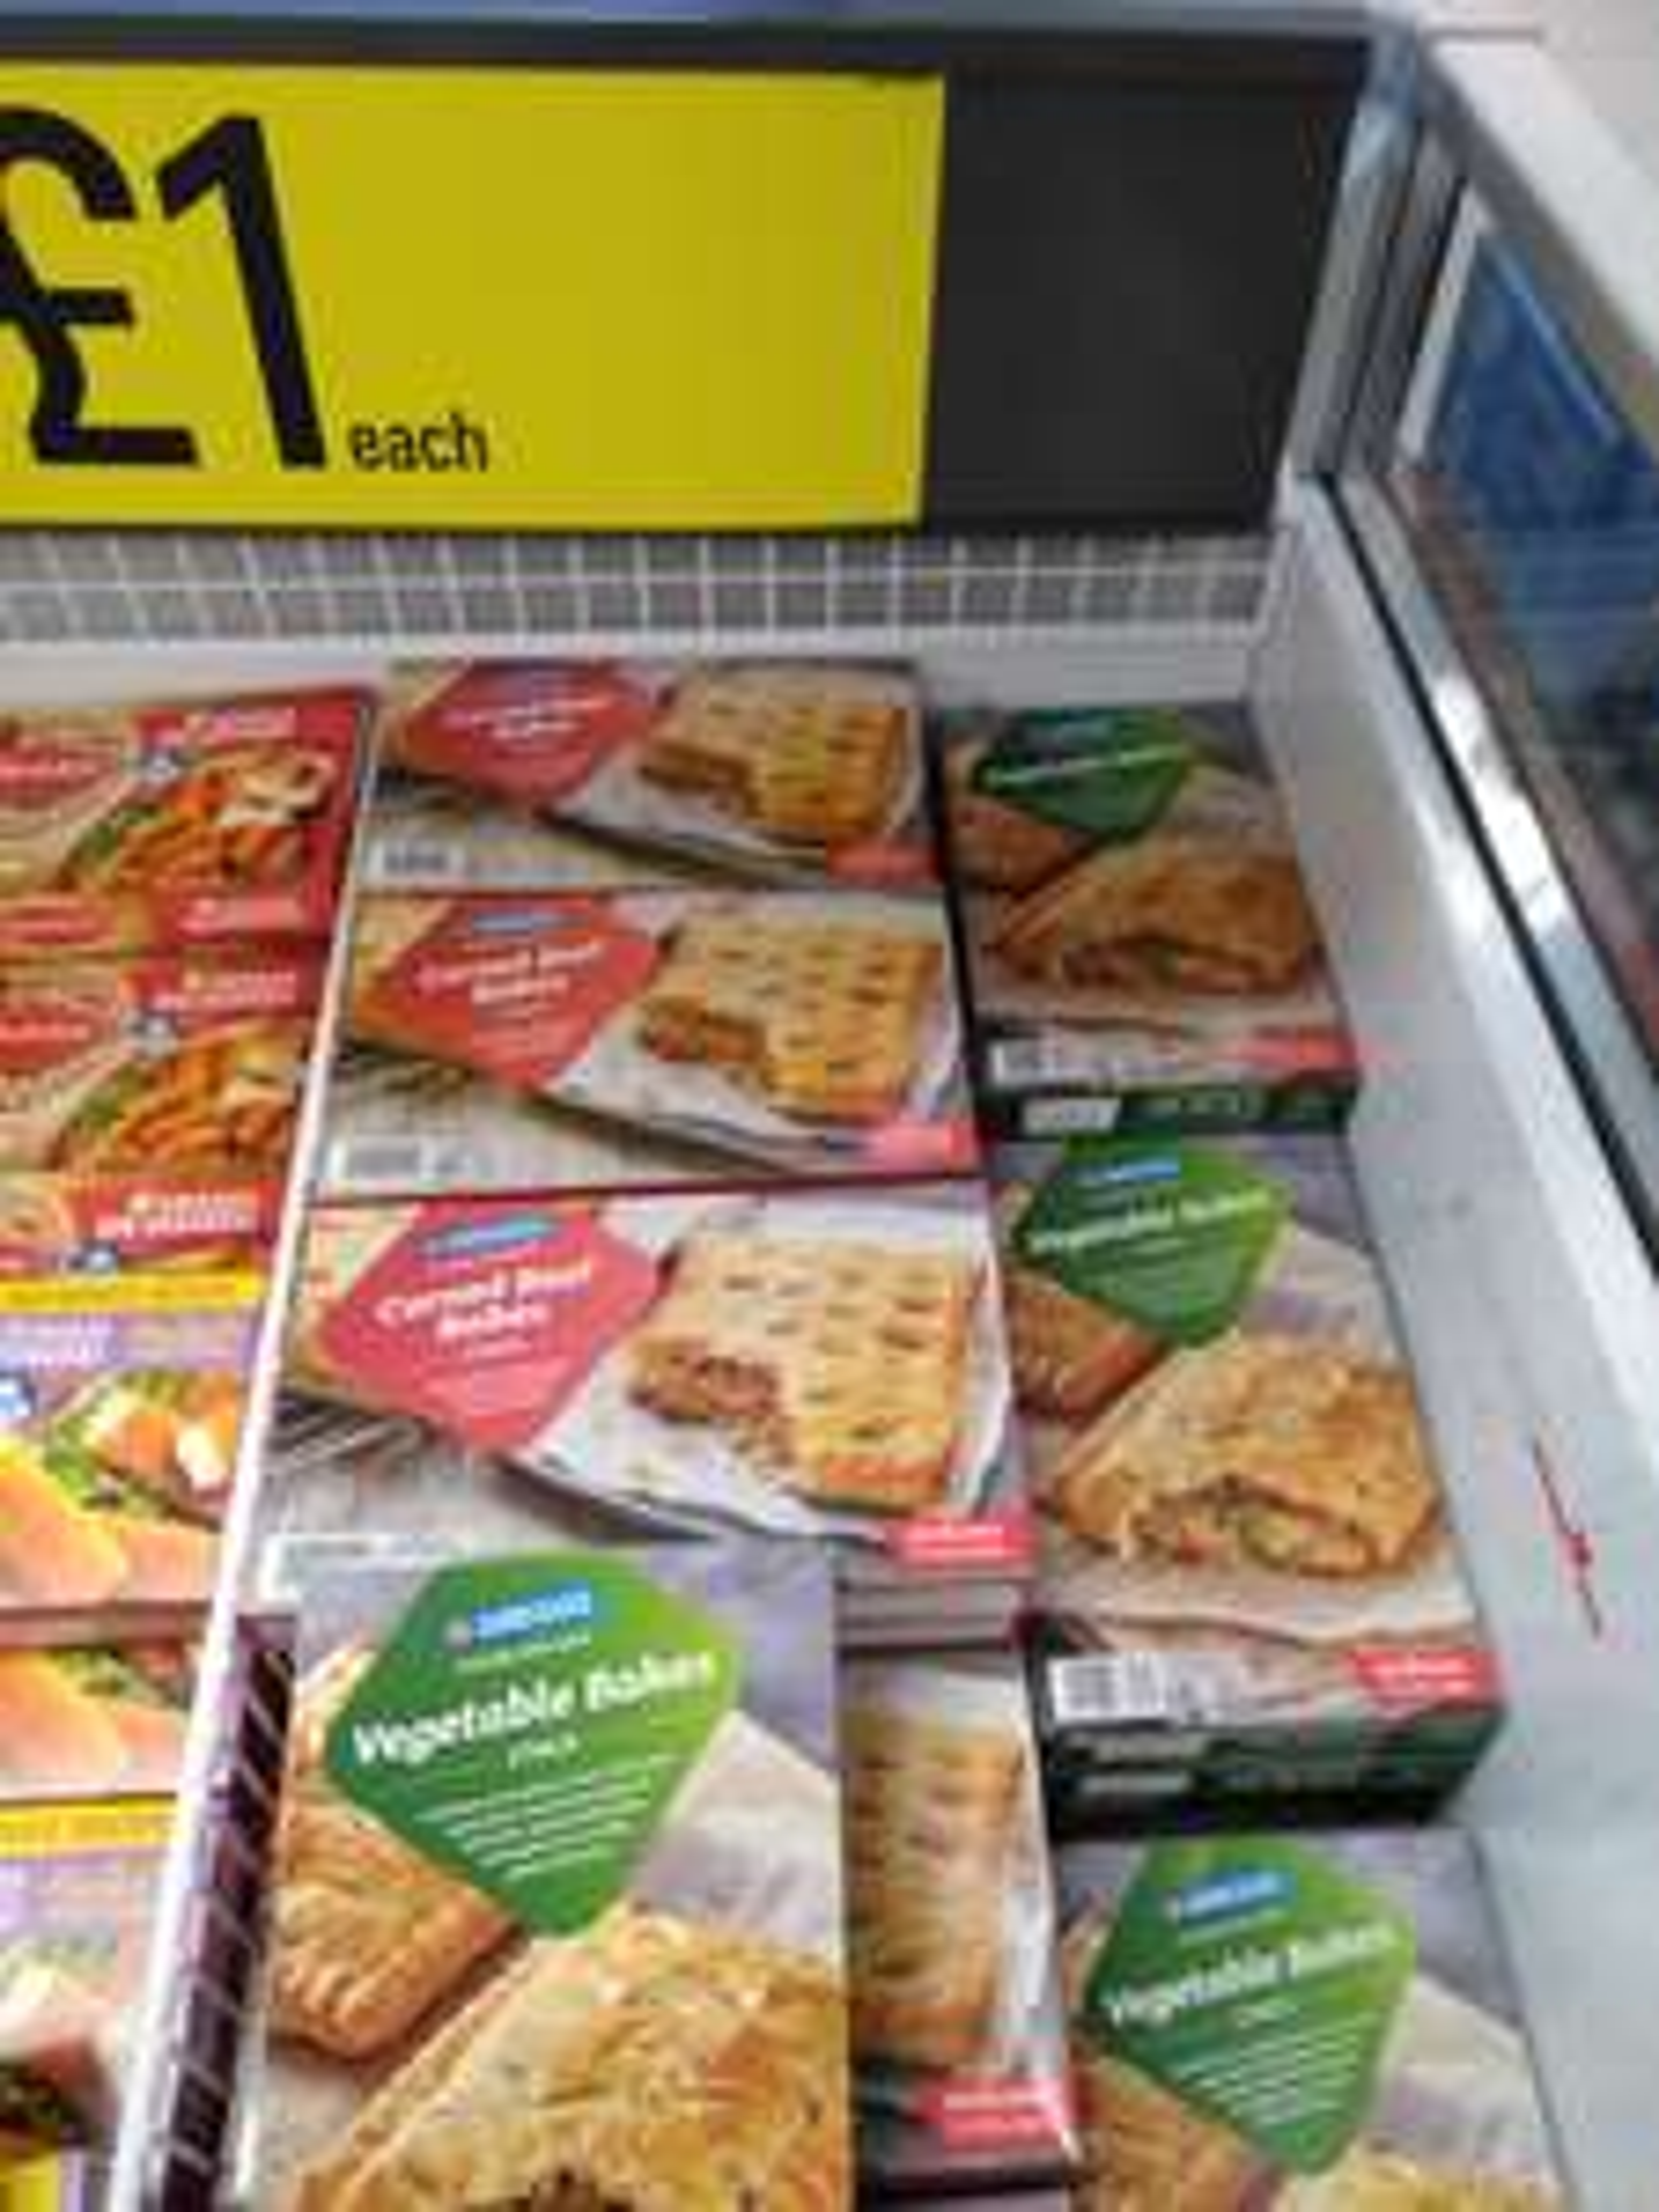 Iceland - Greggs - 2 Vegetable Bakes 310g / 2 Corned Beef Bakes 290g - (Fulham, London)